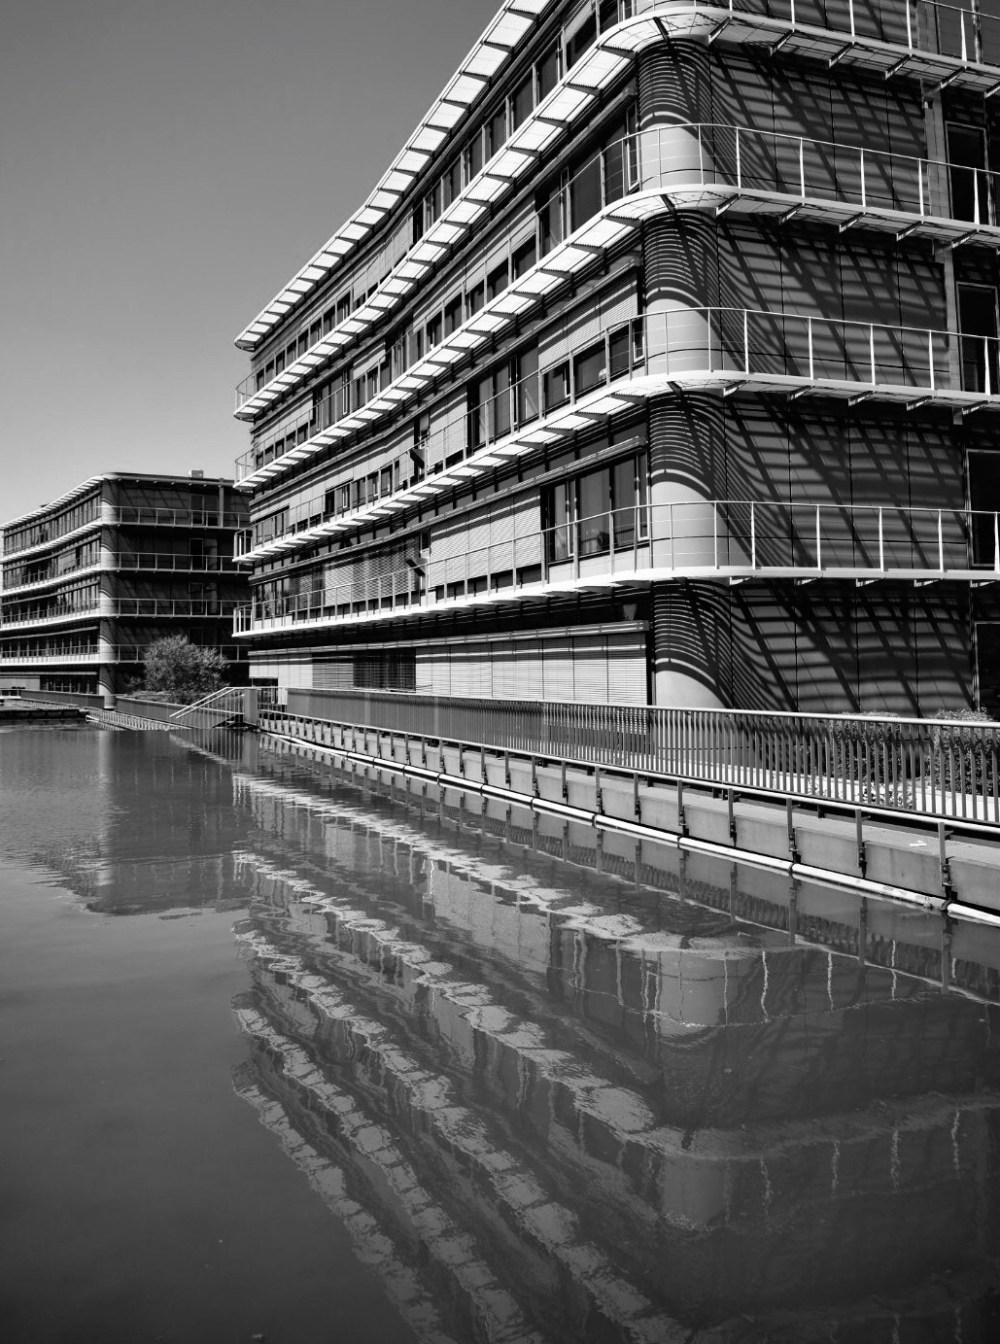 Bürogebäude spiegelt sich im Wasser (schwarz weiß bearbeitet)